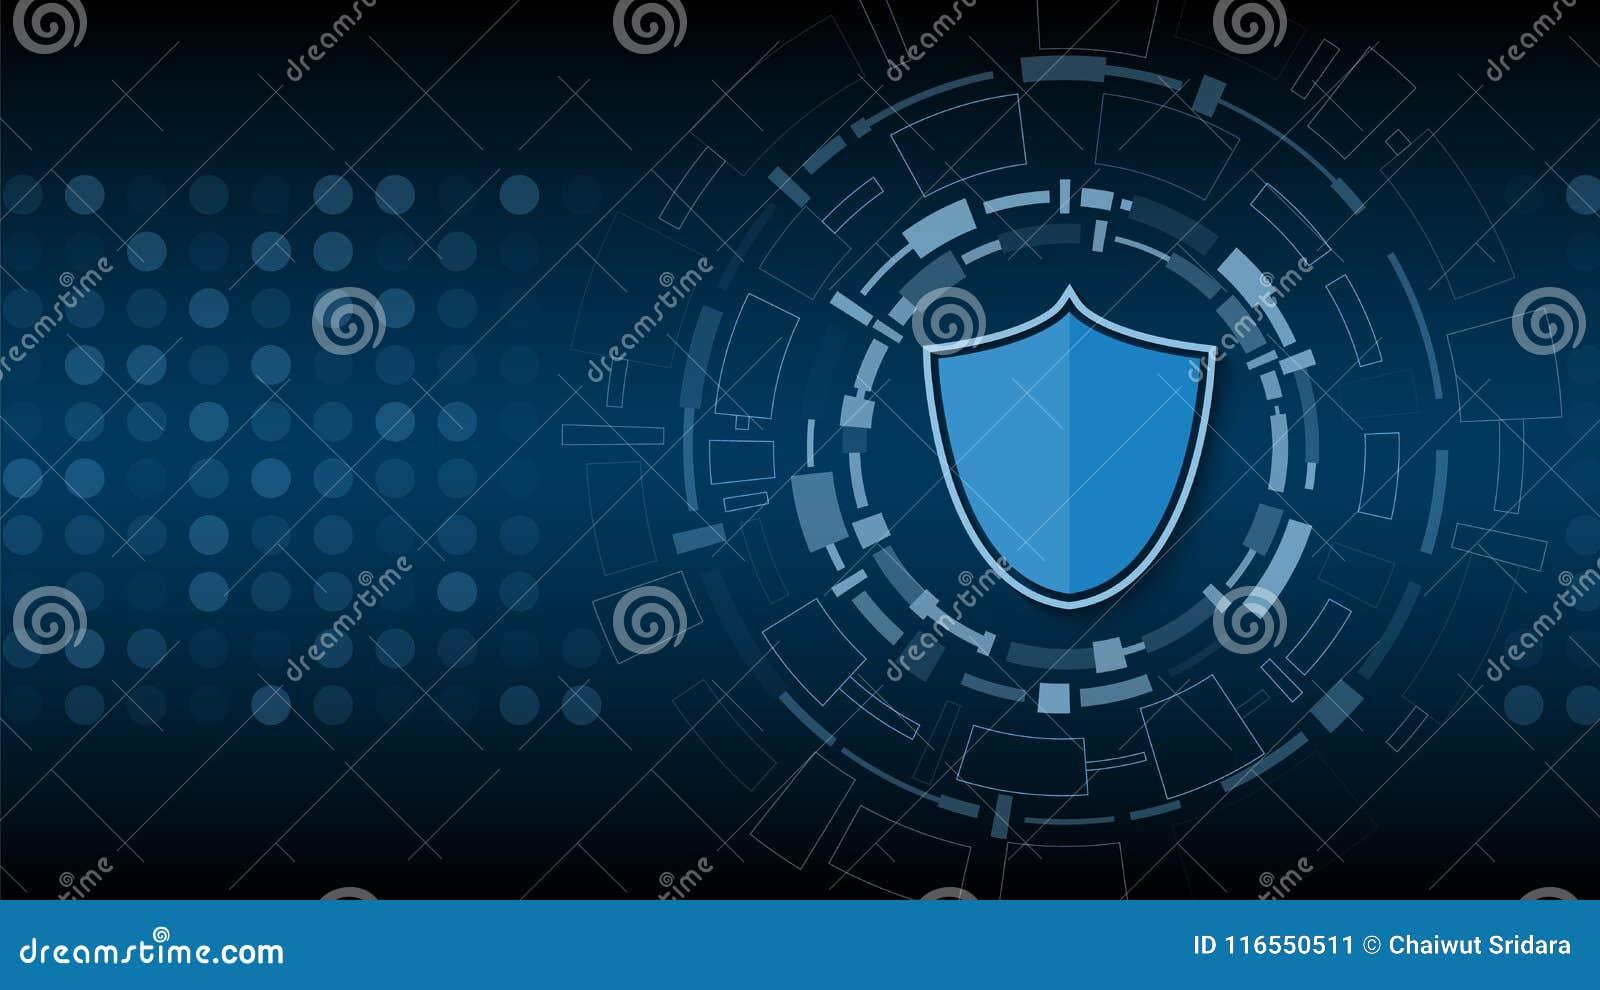 Cybertechnologiesicherheit, Netzschutz-Hintergrunddesign,